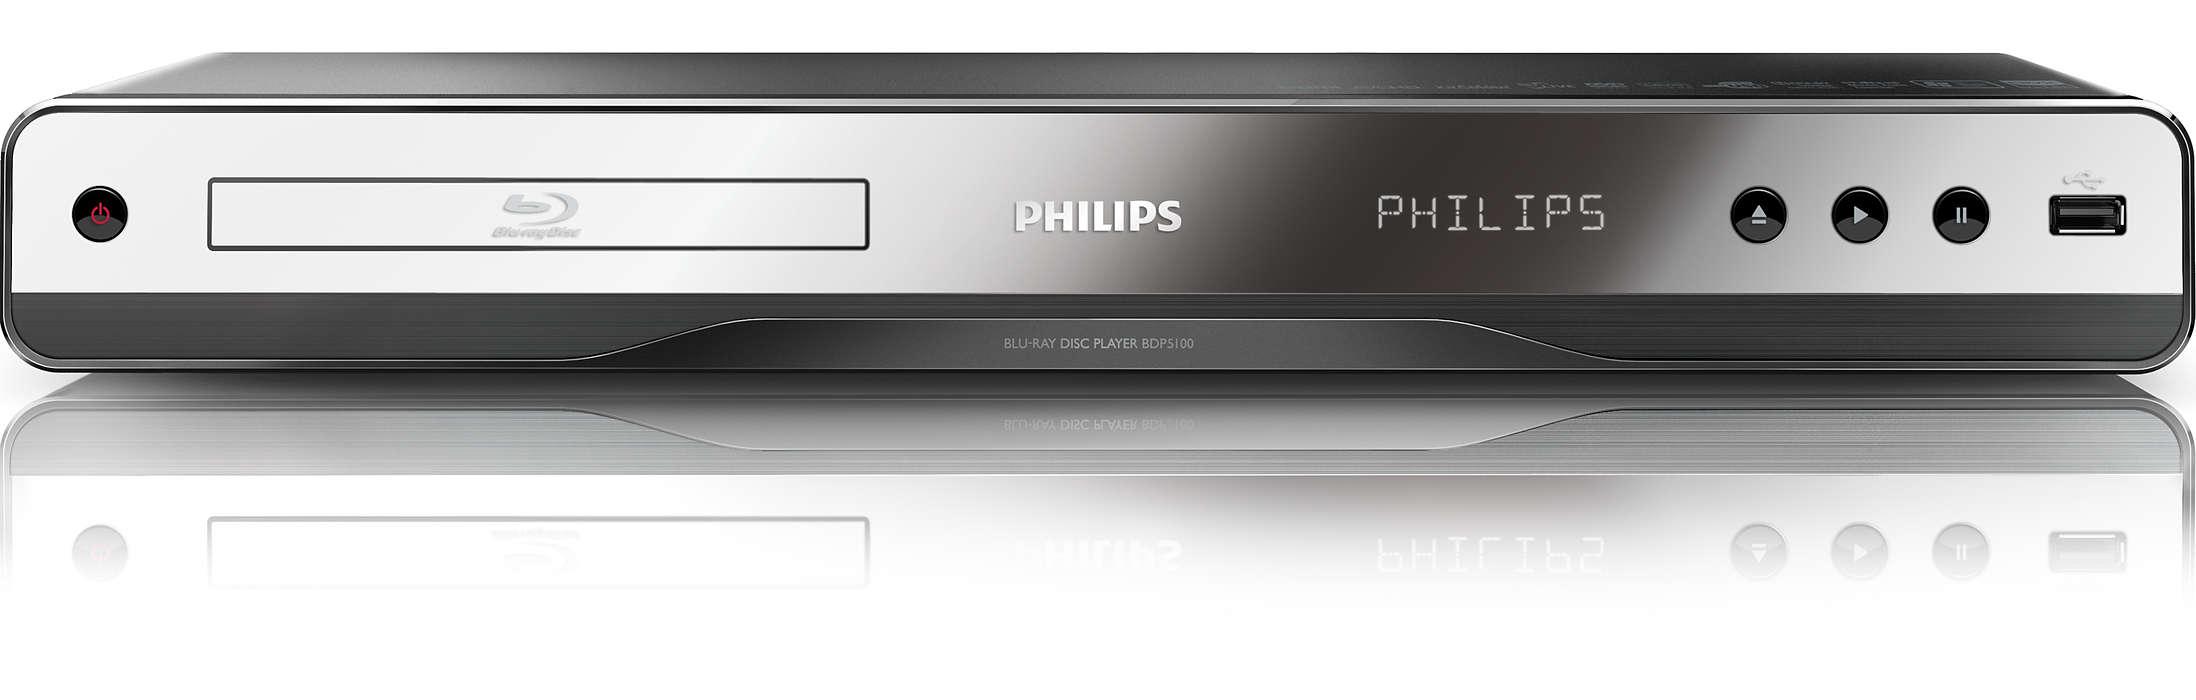 Vychutnajte si disky Blu-ray a obľúbené domáce videá zpočítača.